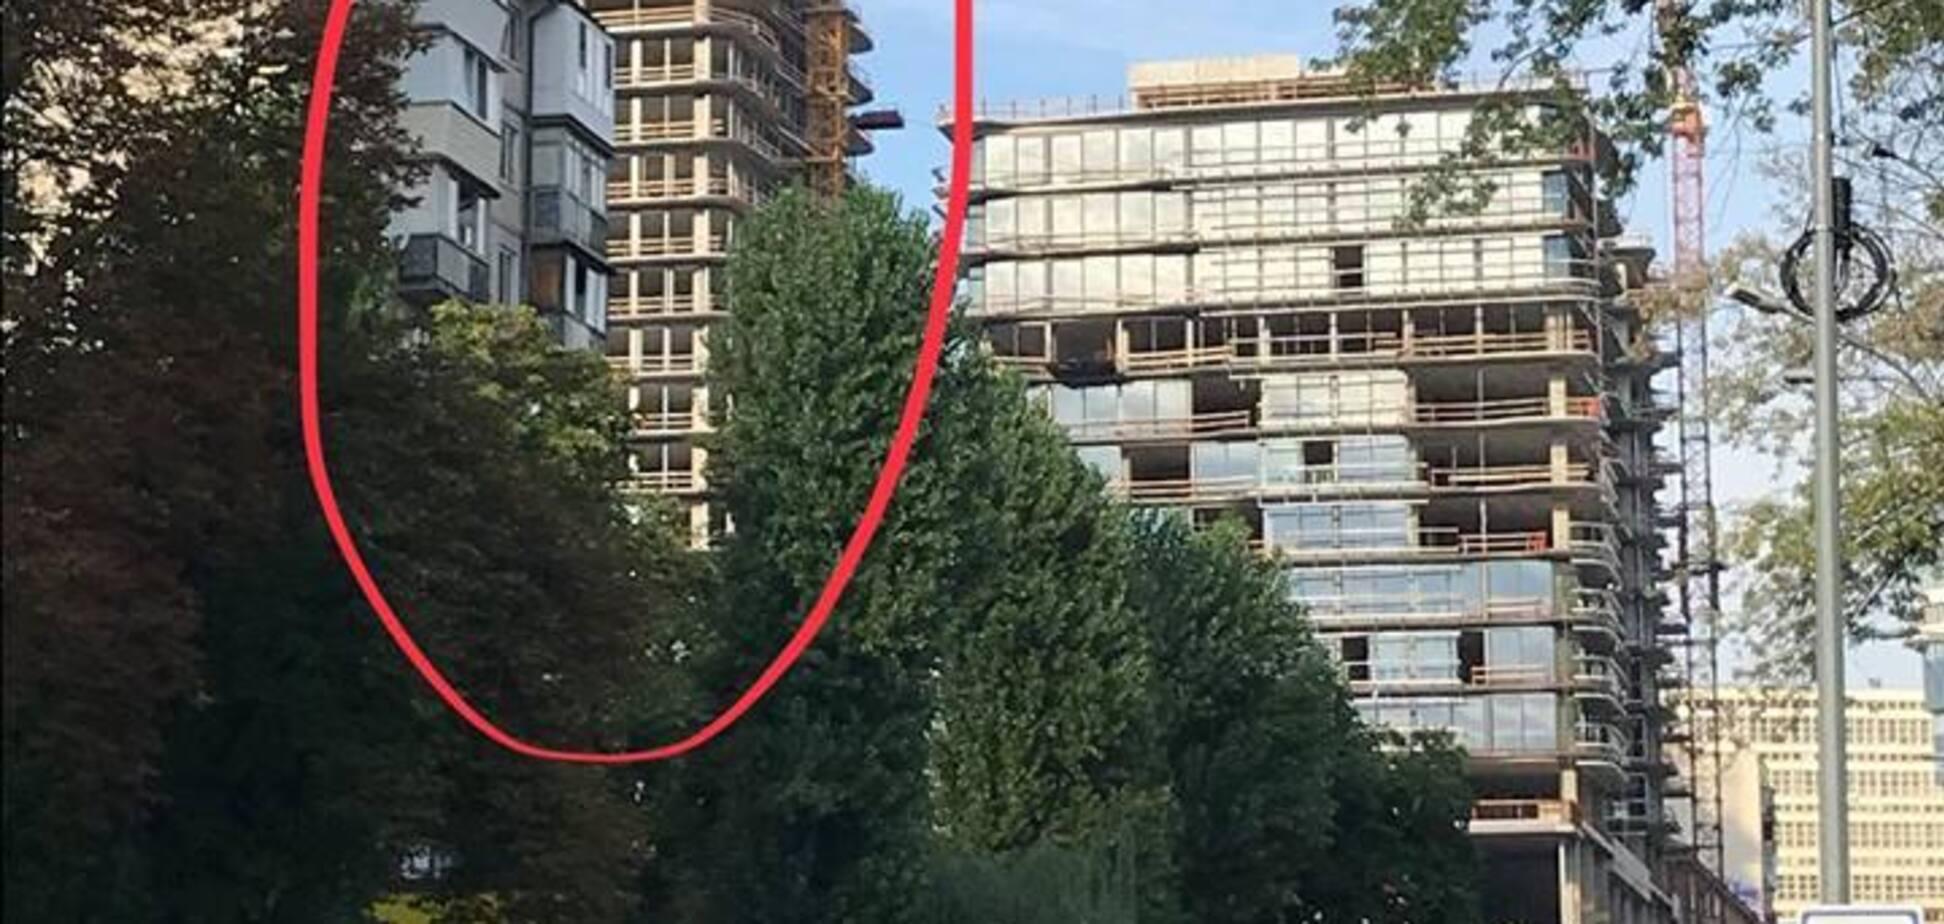 Скандальна забудова на Мечникова:  вступаю в війну з забудовником ЖК 'Signature'